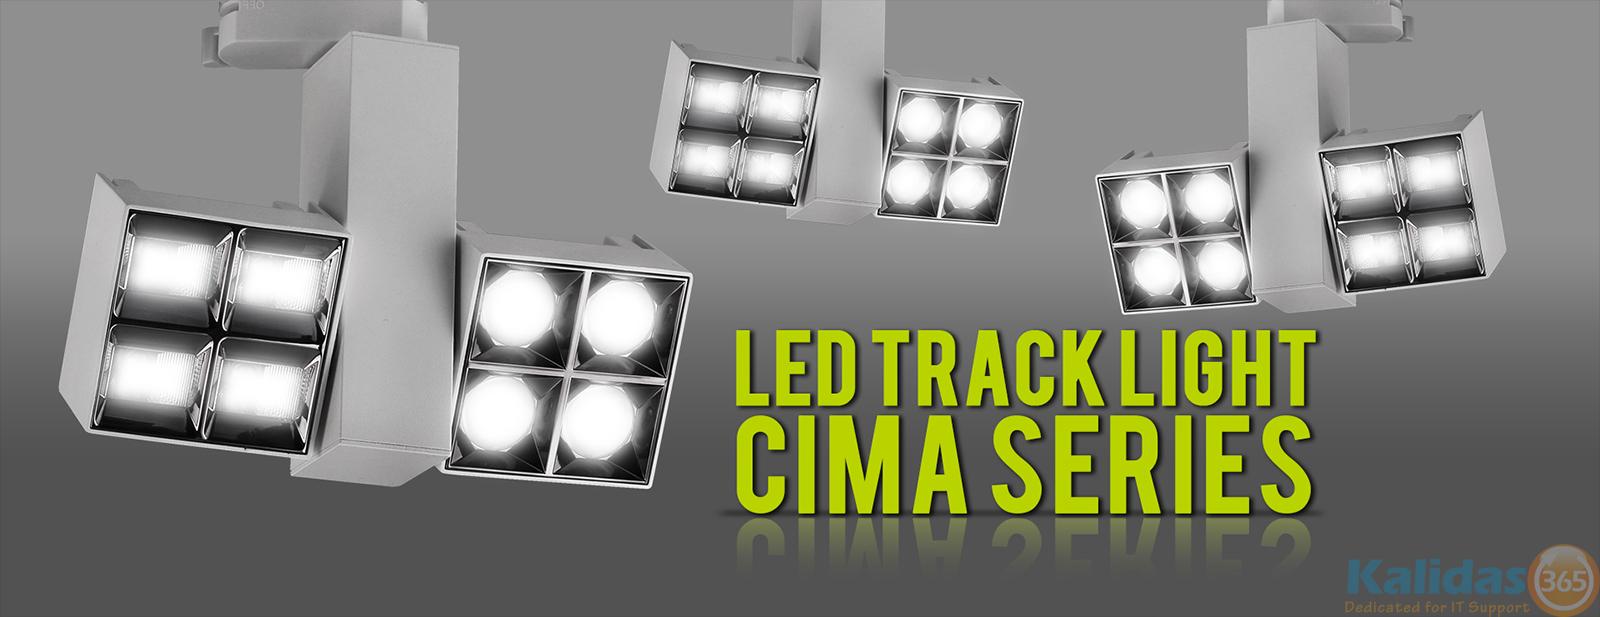 LED-TRACK-LIGHT-CIMA-SERIES